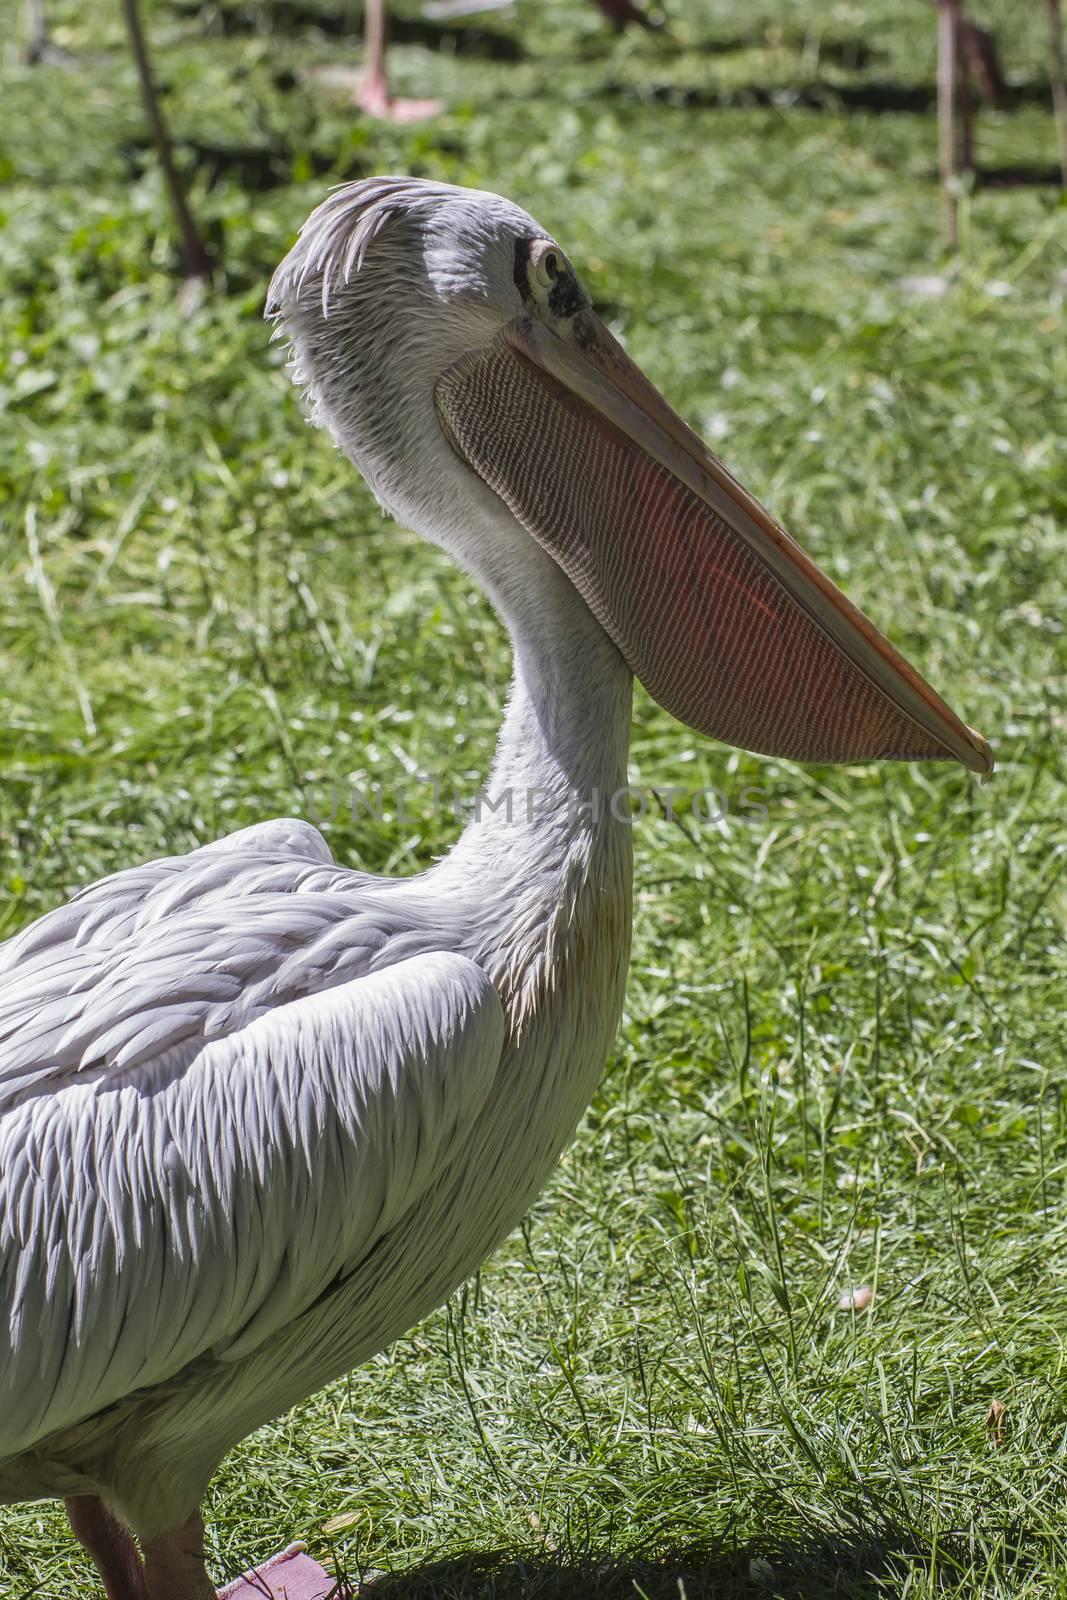 summer pelican, bird with huge beak